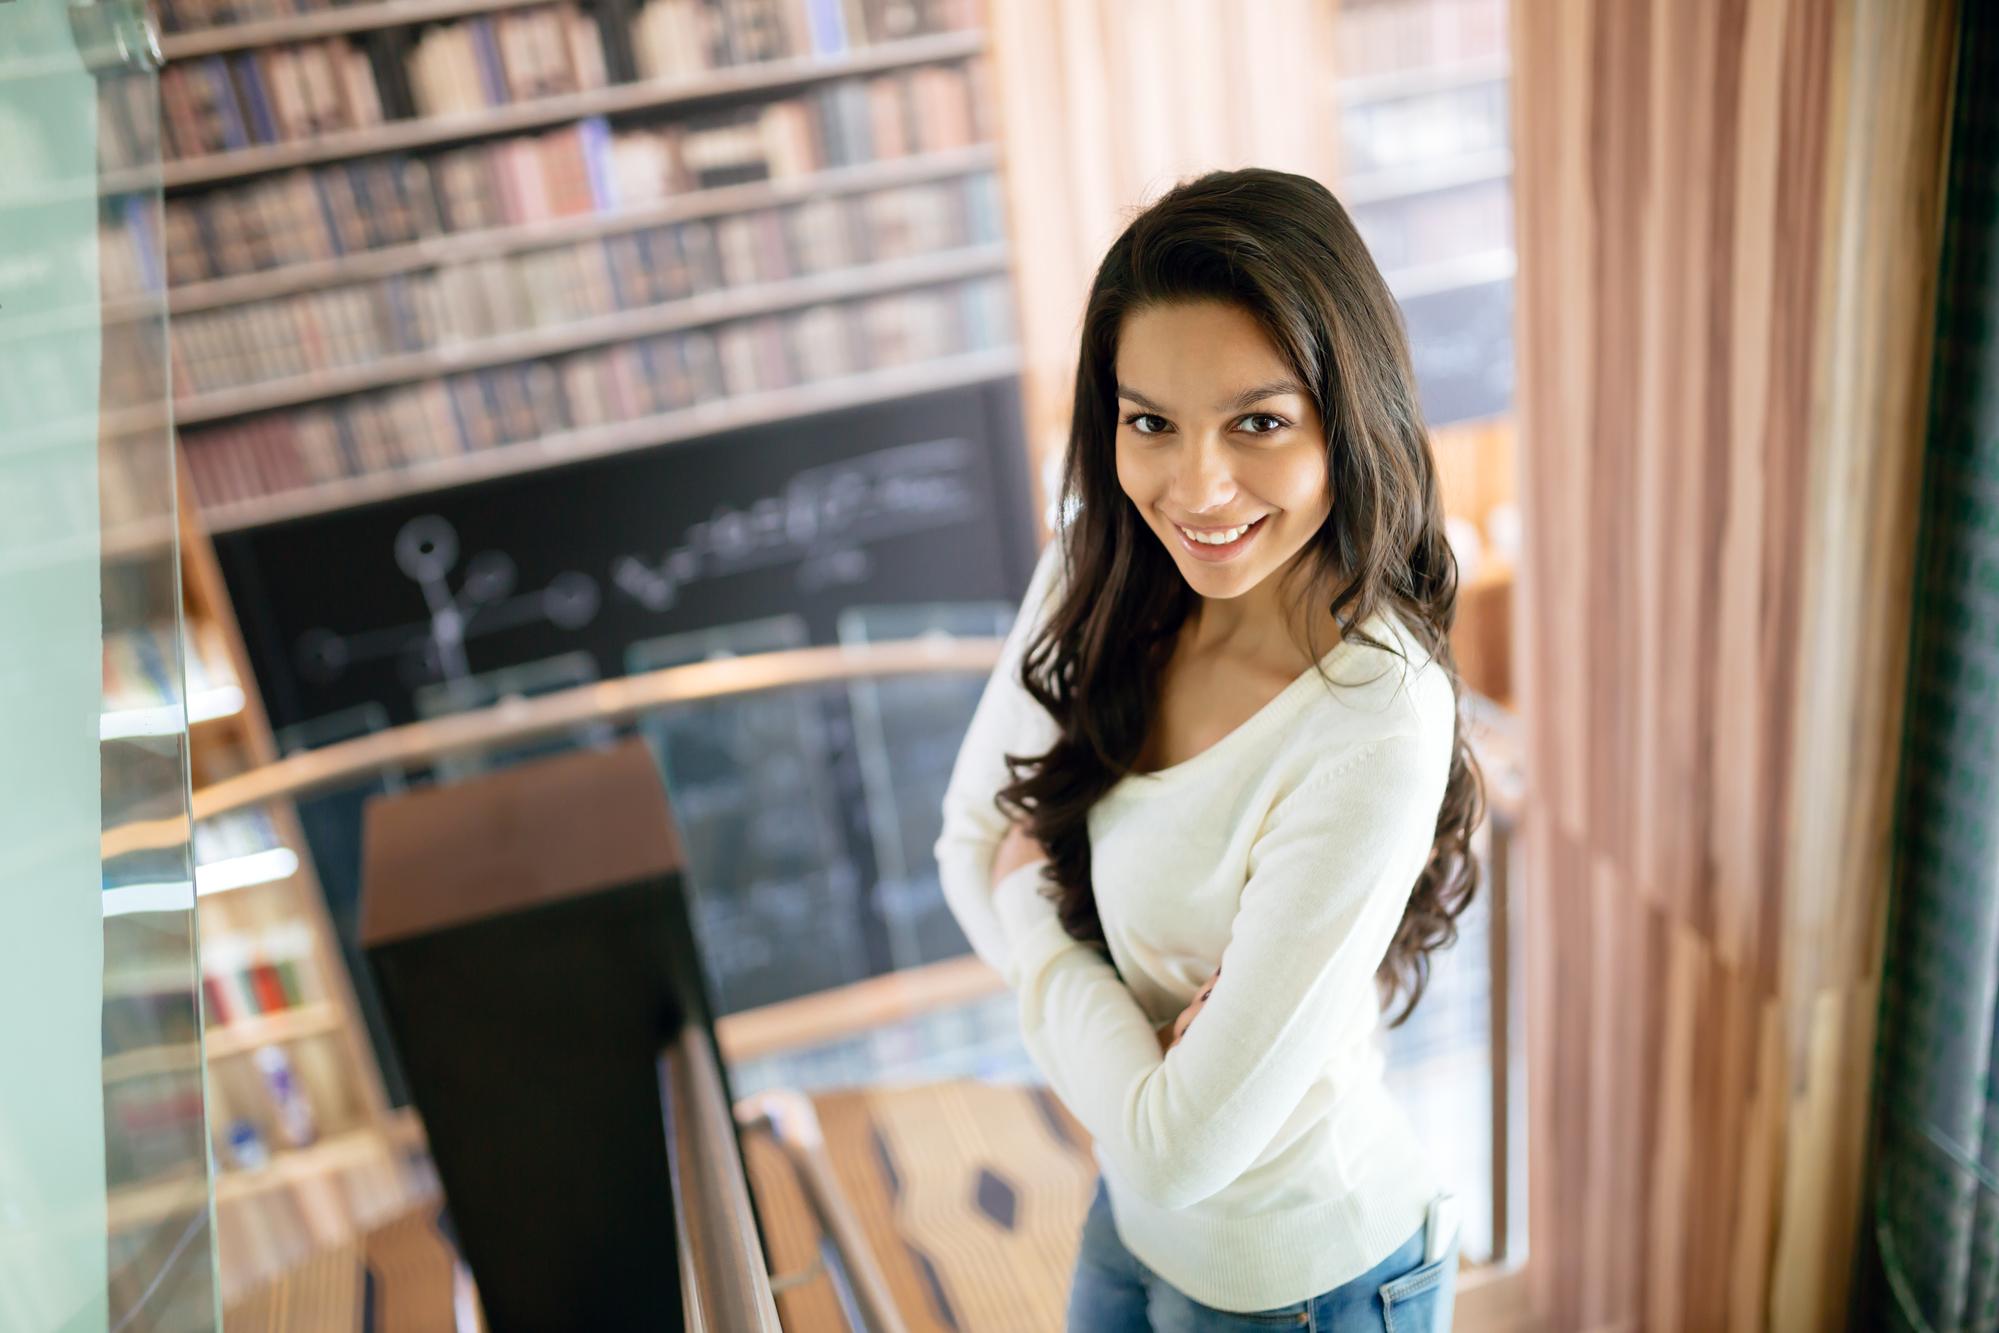 למי מתאימה משרה של כתיבת עבודות אקדמיות בתשלום?